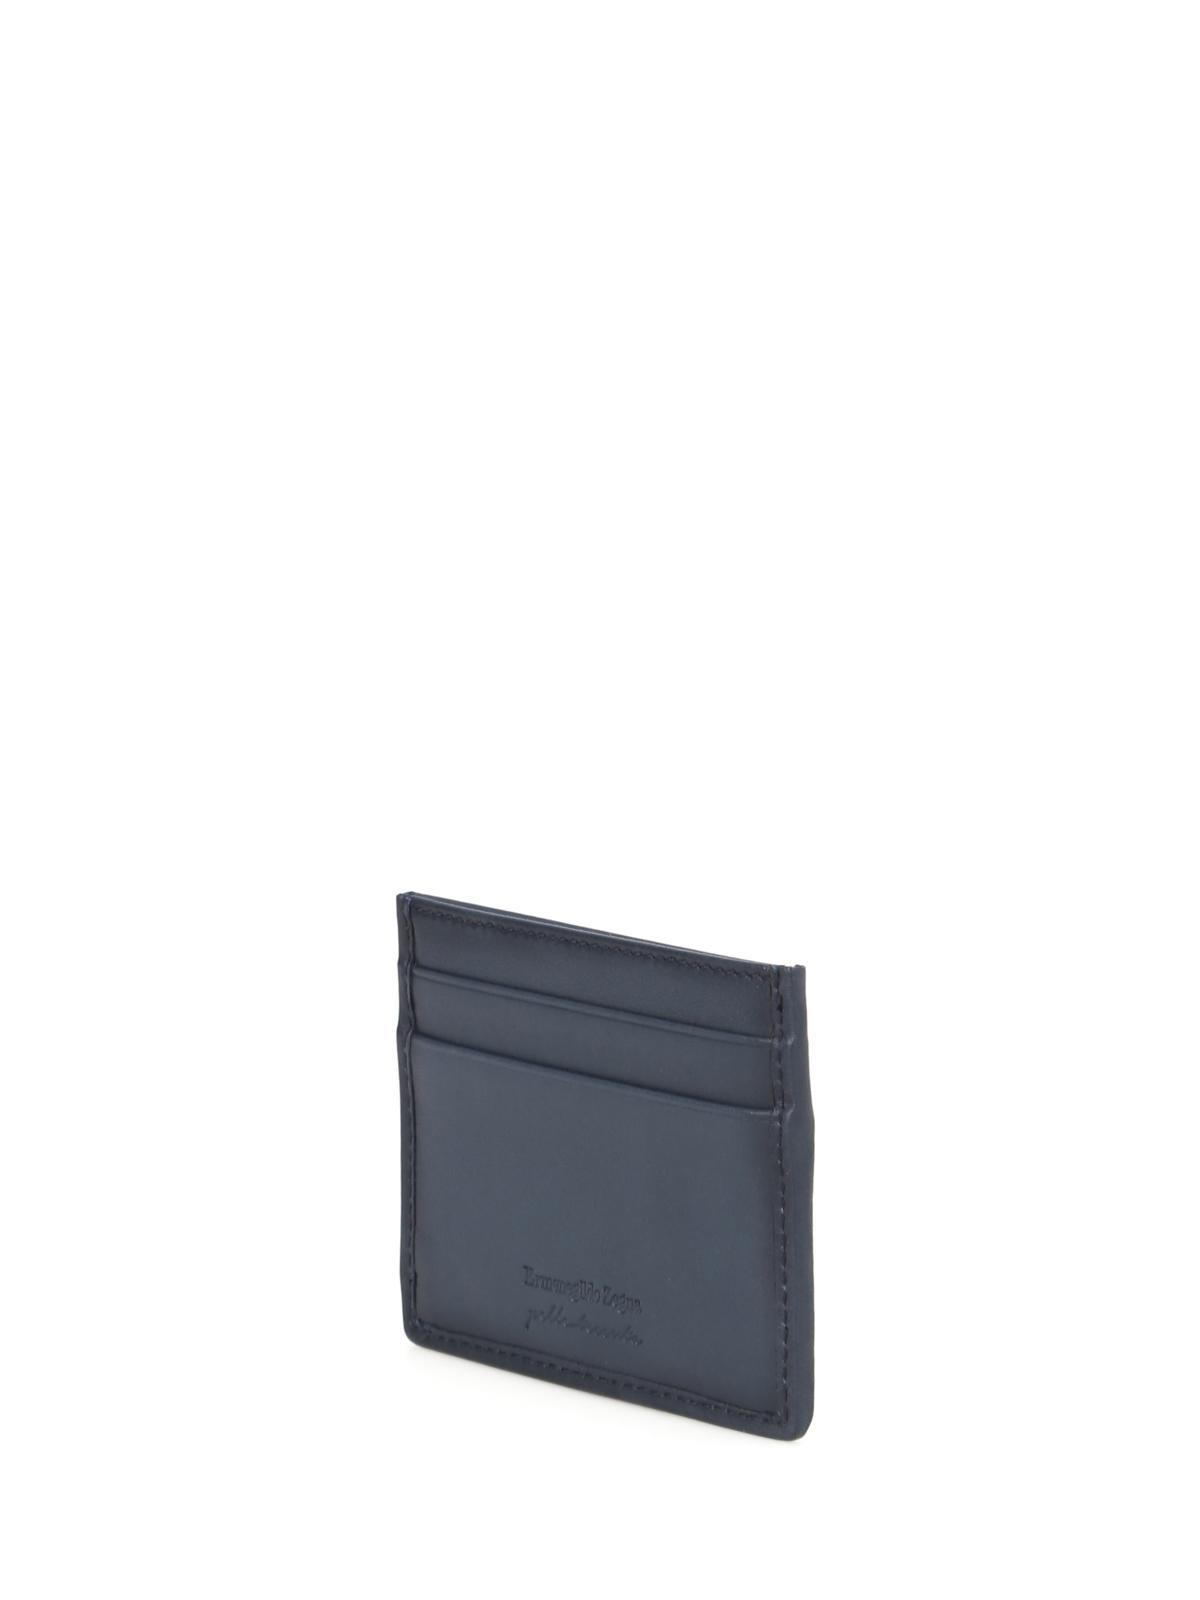 Pelle tessuta blue card holder by ermenegildo zegna wallets ikrix ermenegildo zegna wallets purses pelle tessuta blue card holder reheart Images